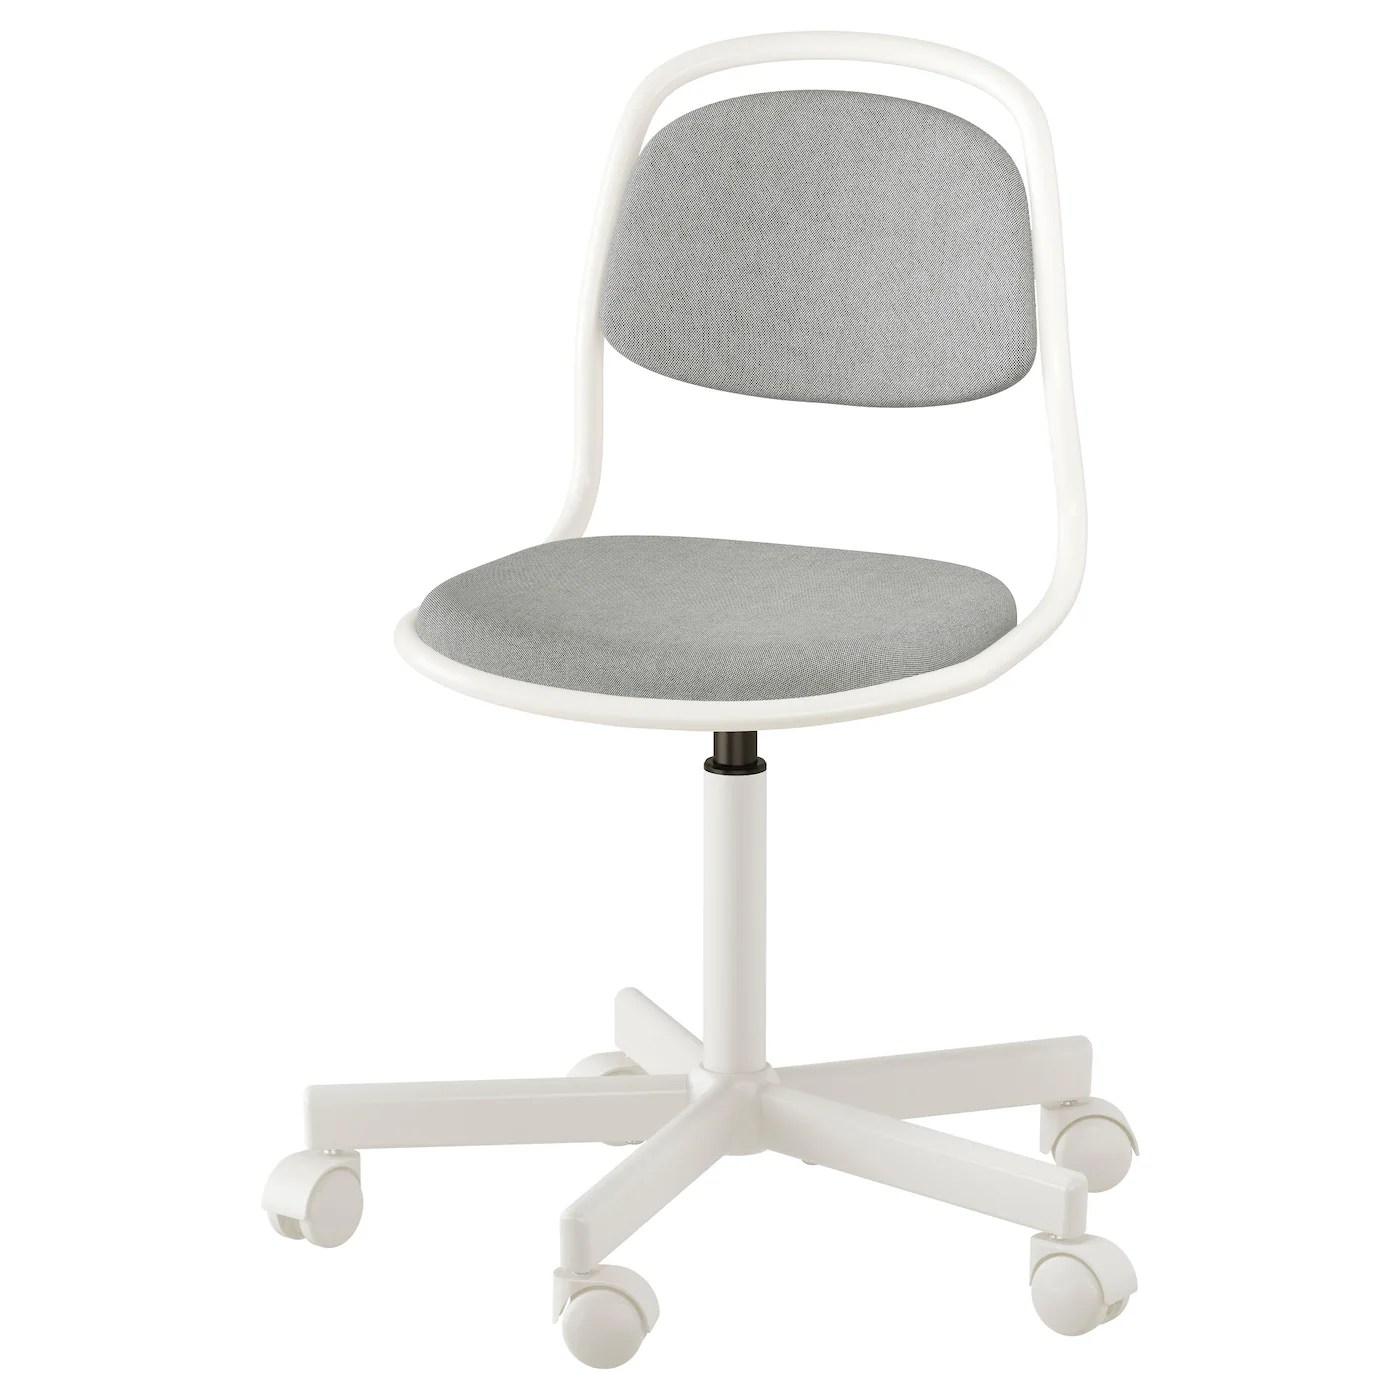 desk chair ikea harry covers uk ÖrfjÄll children 39s white vissle light grey